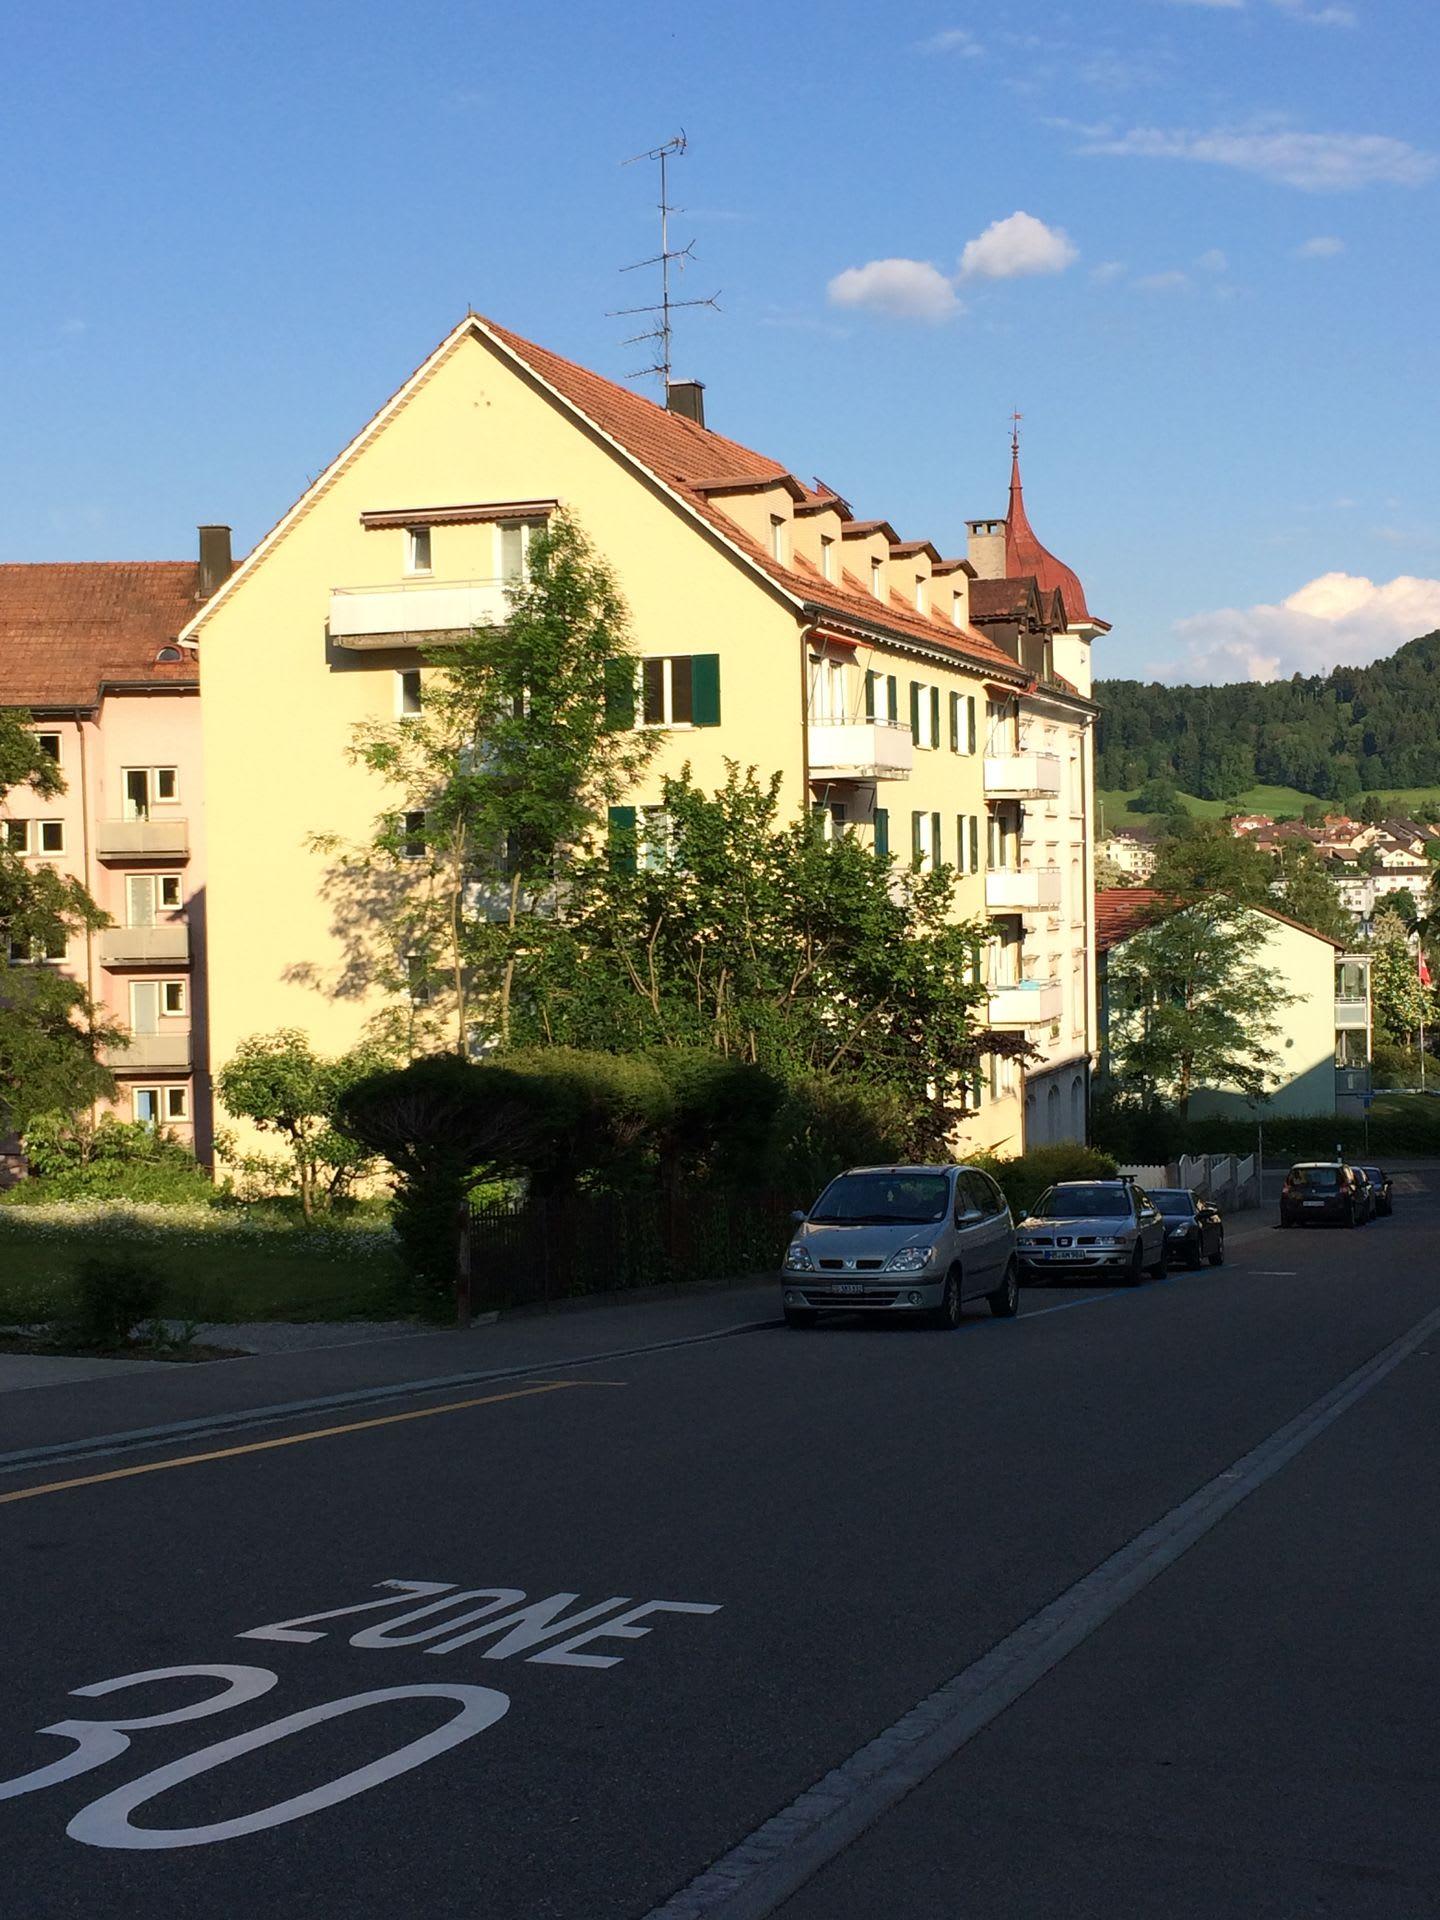 Storchenstrasse 4